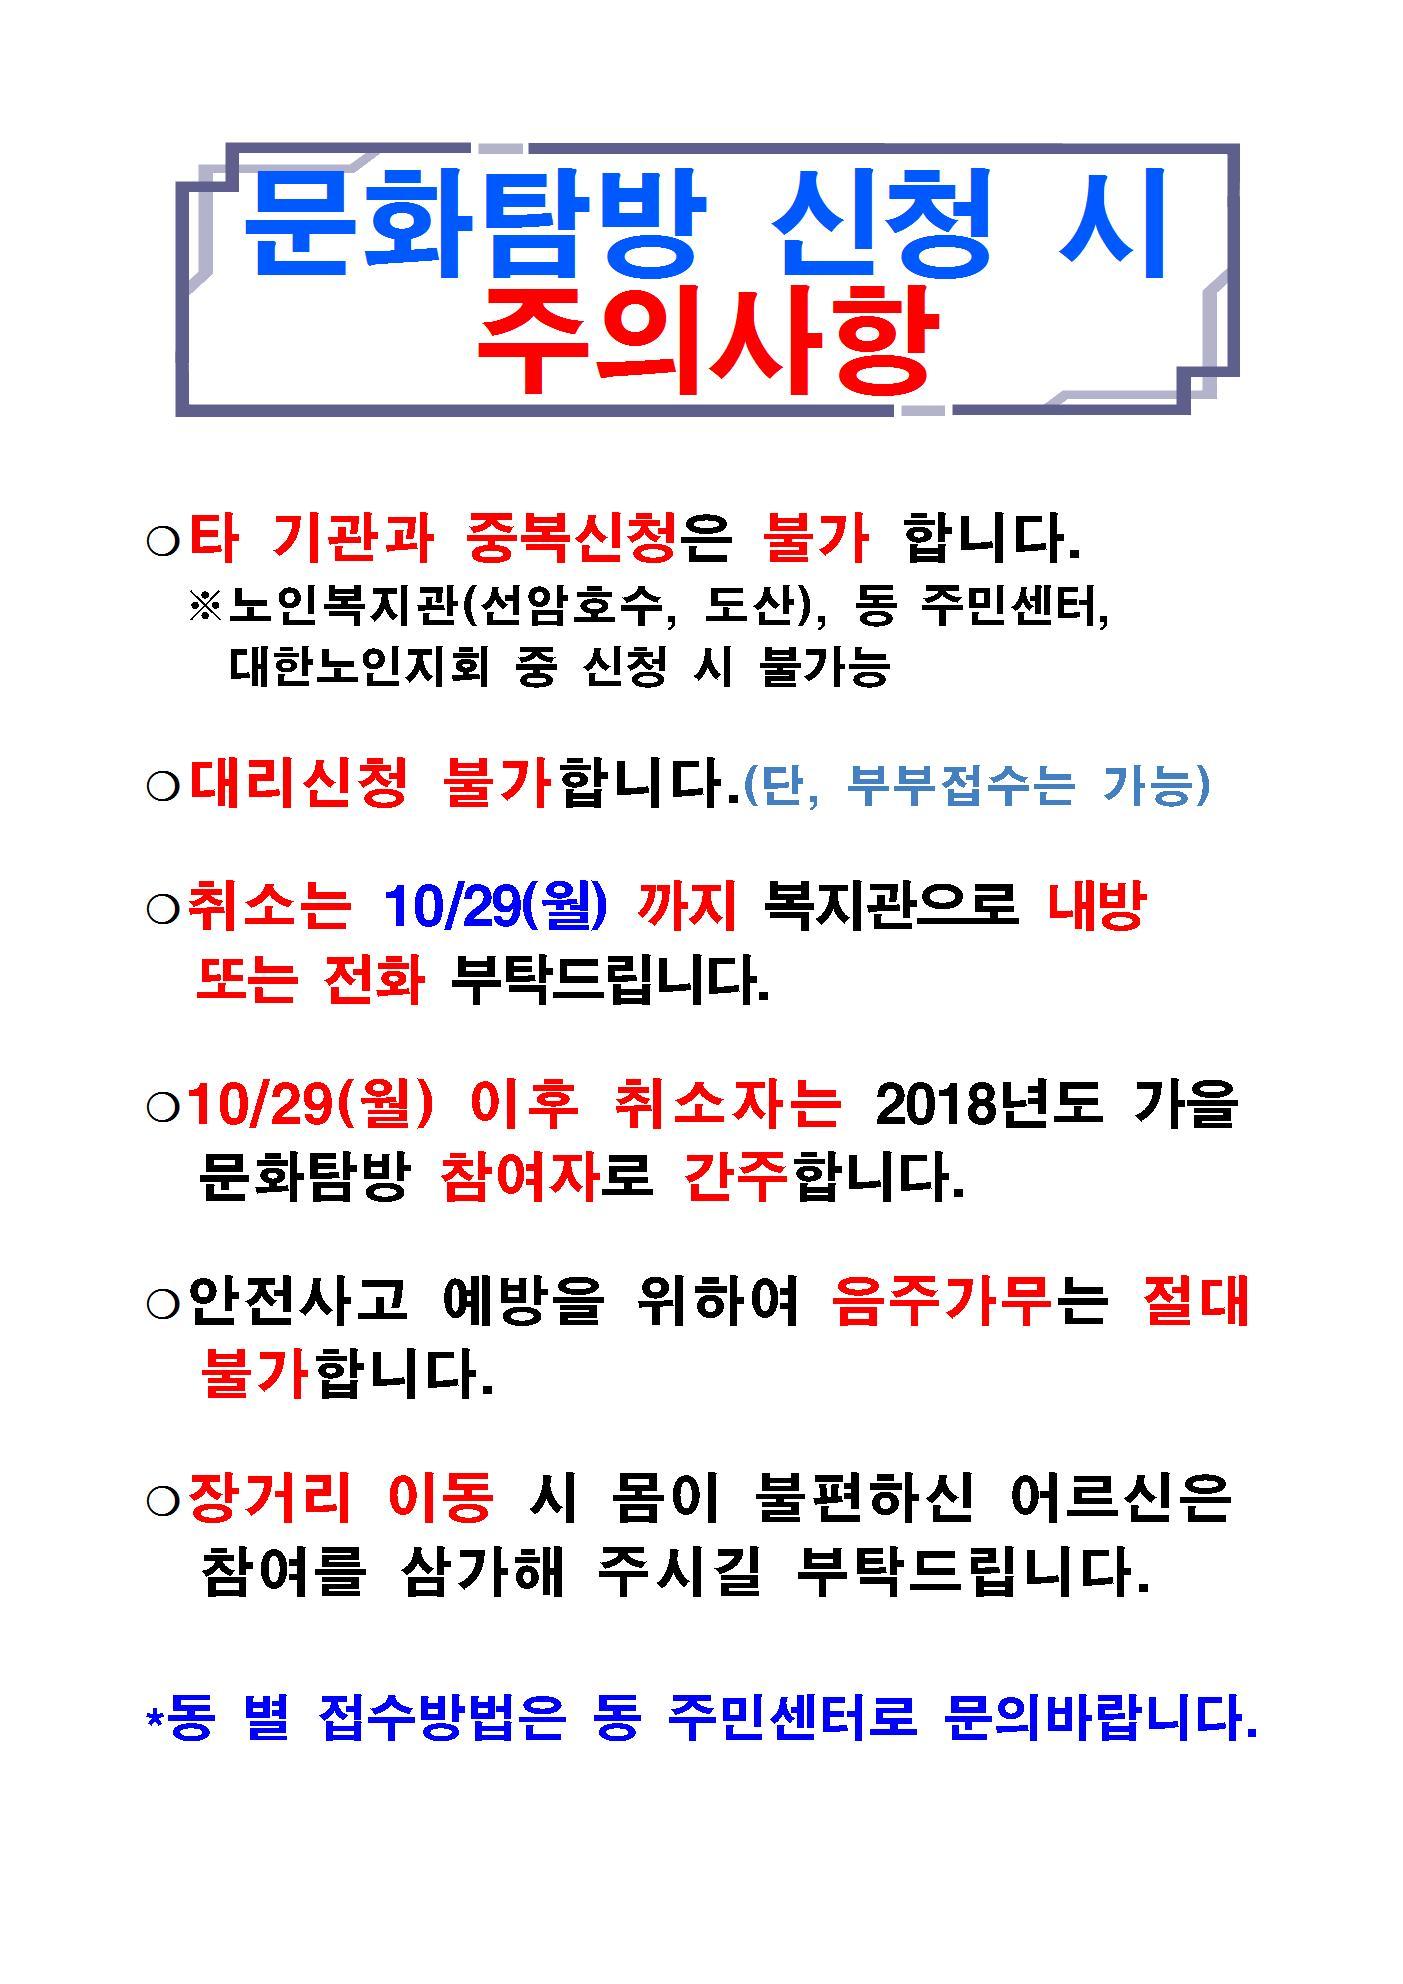 2018 가을 문화탐방 접수홍보 A3(1)002.jpg